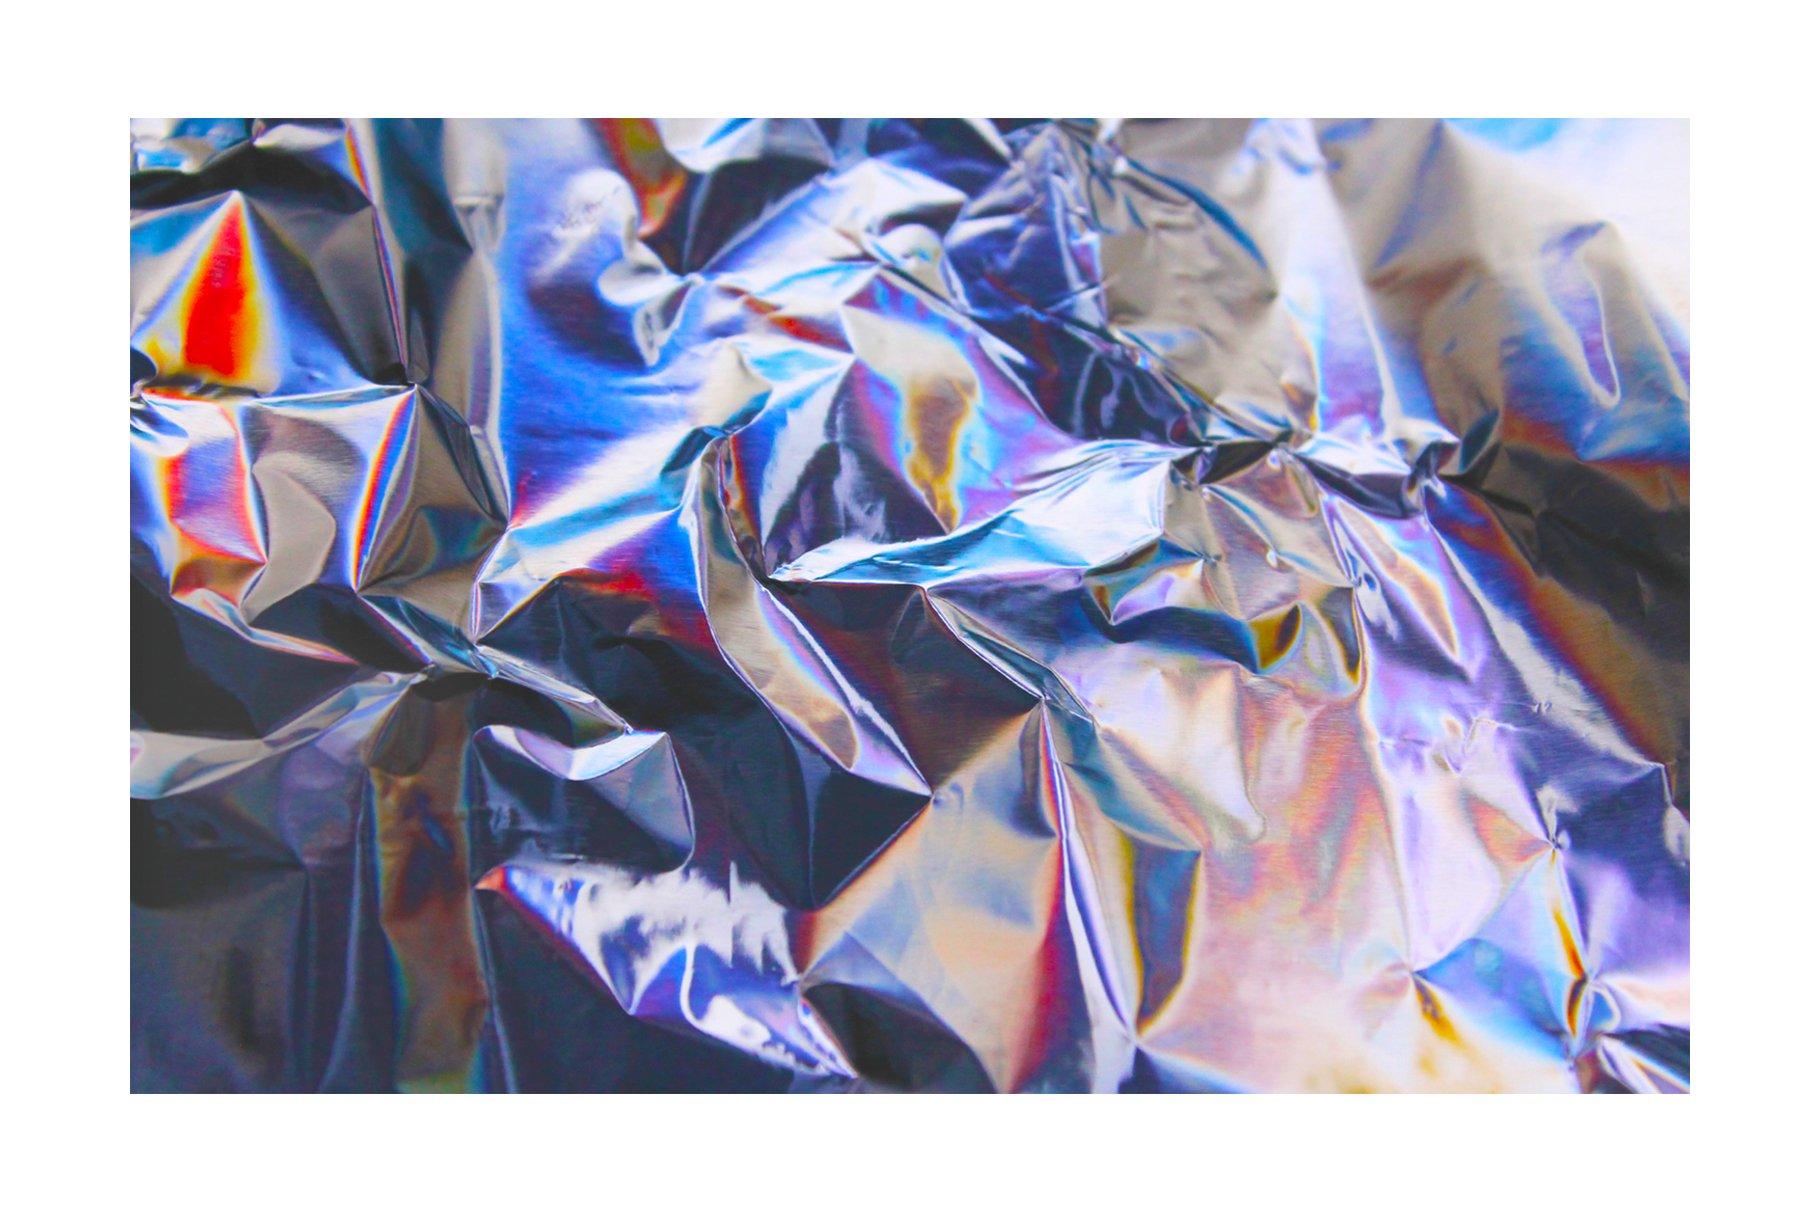 [淘宝购买] 90款潮流炫彩全息镭射金属箔纸海报设计肌理纹理背景图片设计素材 90 Holographic Foil Textures插图1